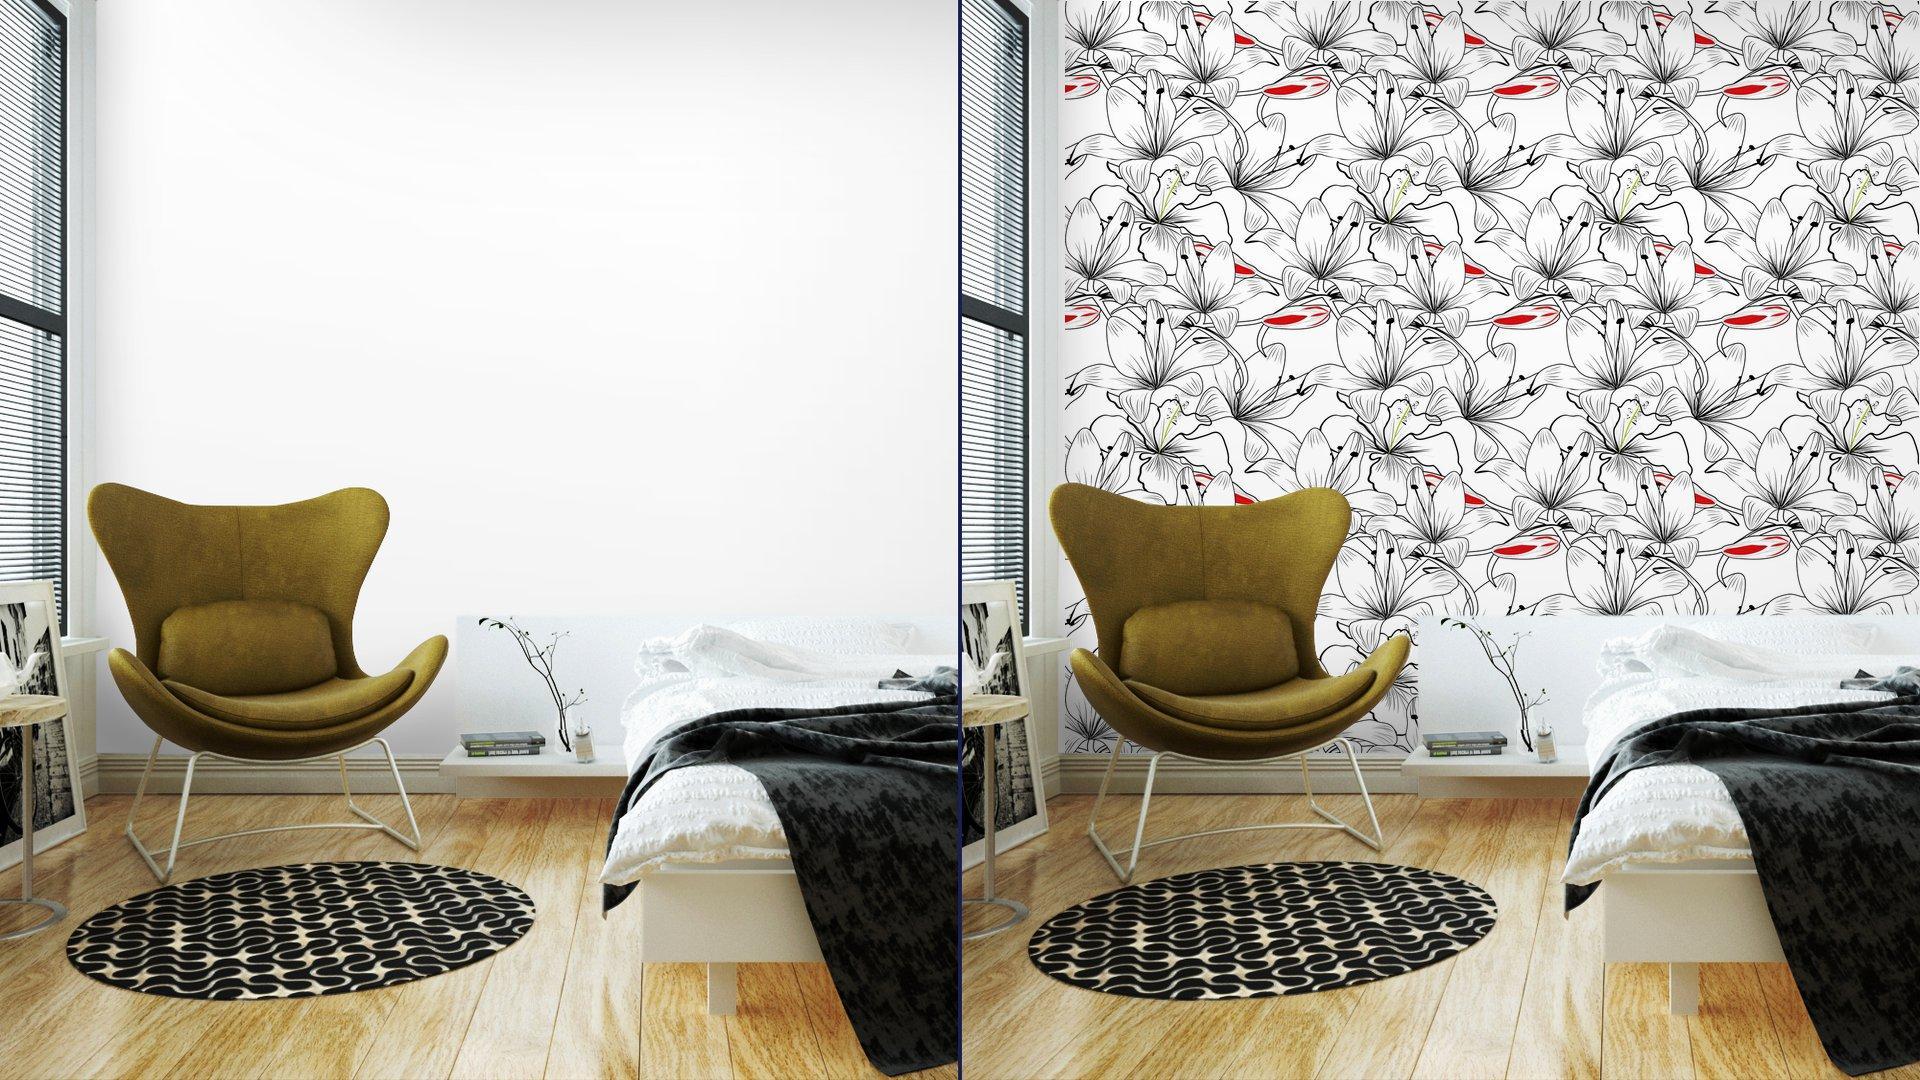 Fotomurales mexico papeles pintados patron sin fisuras con flores de lirio blanco 2 - Papel Tapiz Patrón Flores de Lirio en Fondo Blanco 01